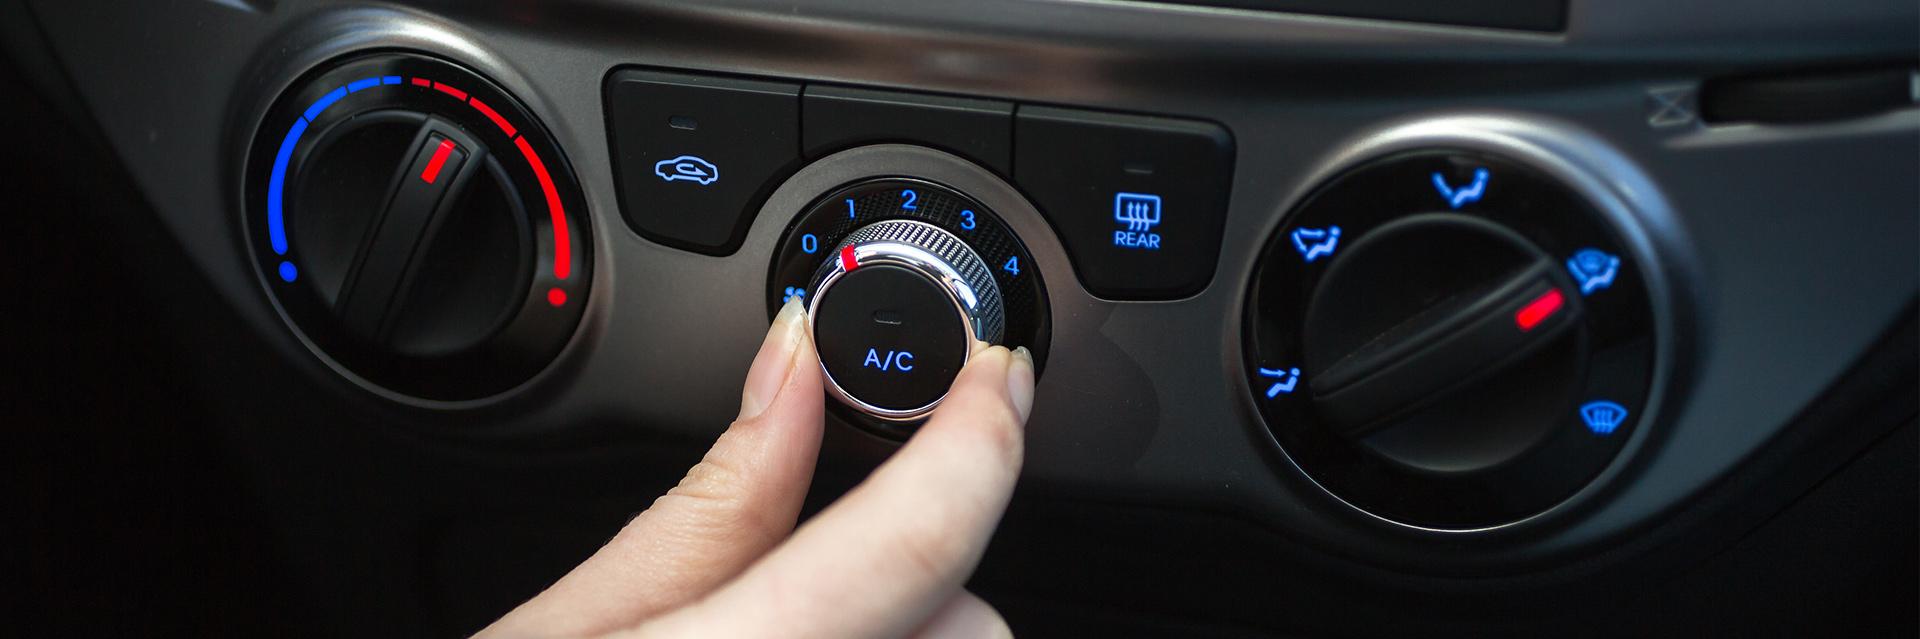 Dlaczego przeziębiamy się od klimatyzacji? I co robić, żeby klimatyzacja nie szkodziła?